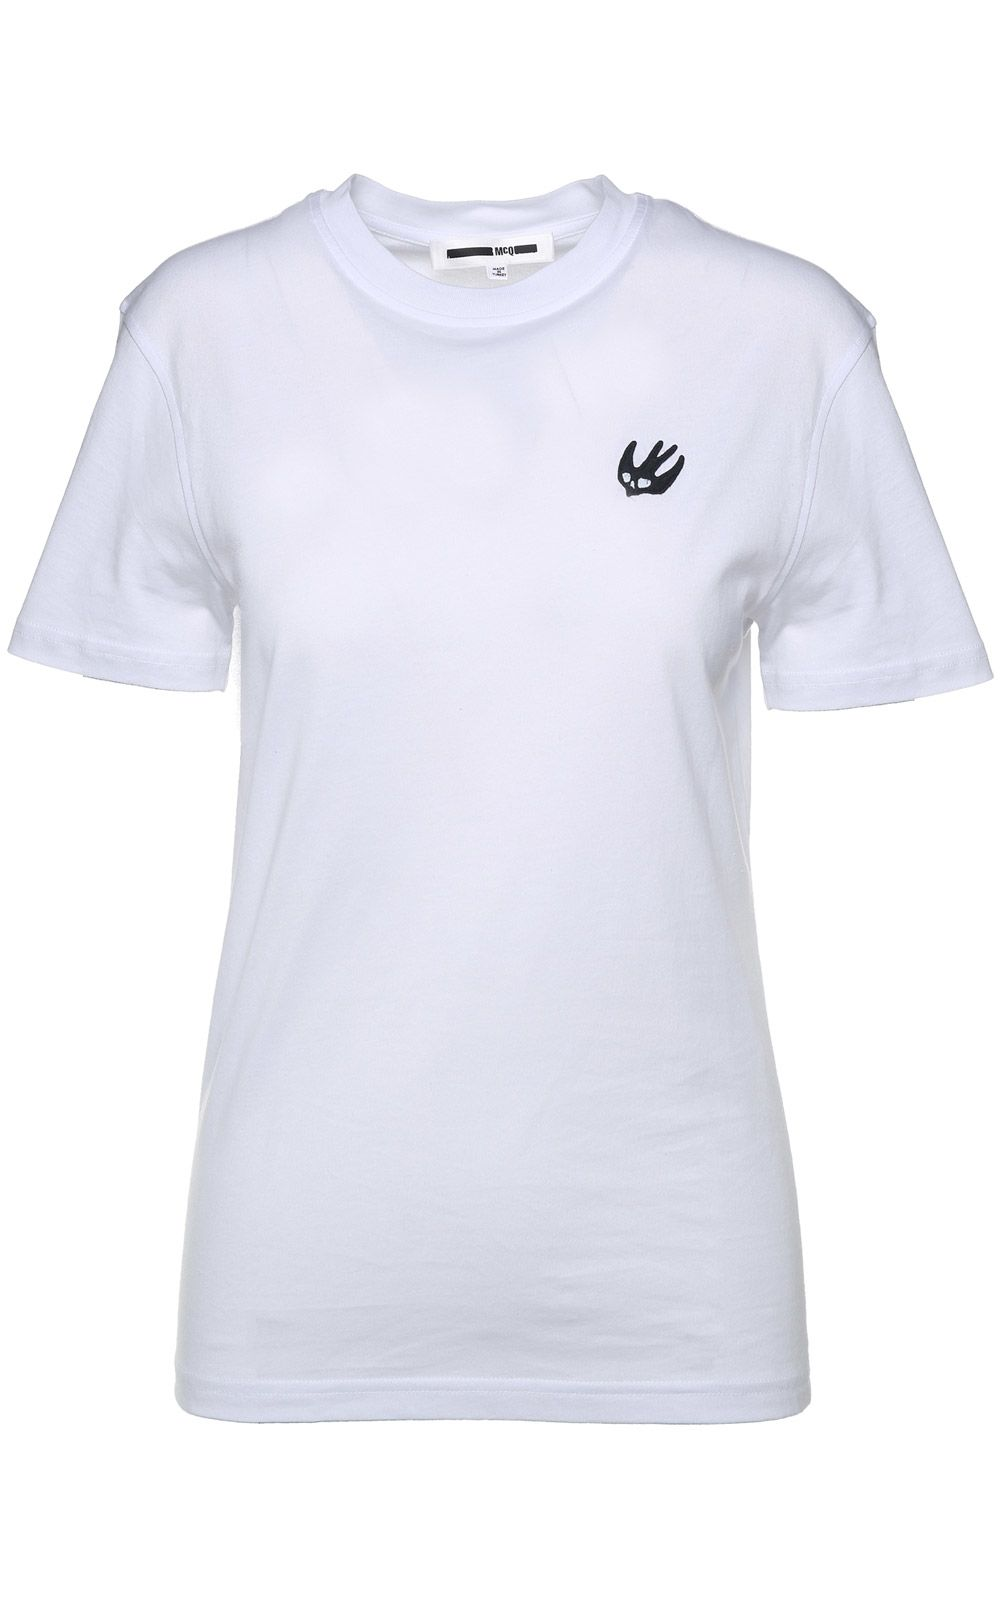 McQ Alexander McQueen Badge Swallow Cotton-jersey T-shirt